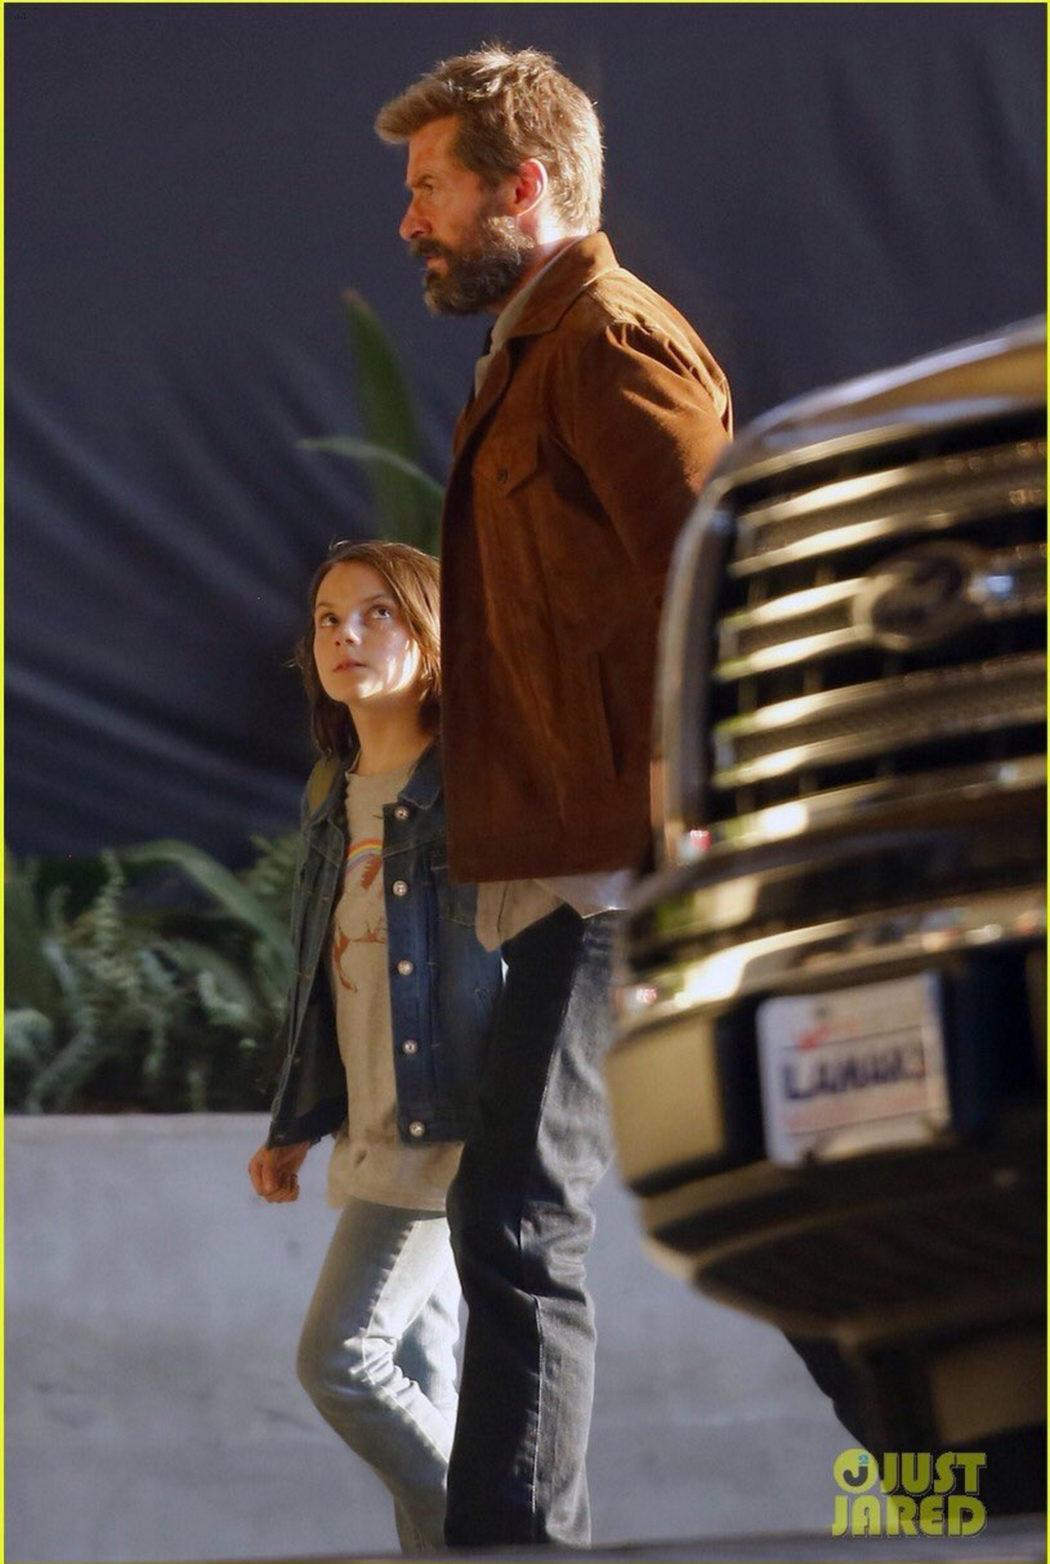 Imagen 4 de 11 del set